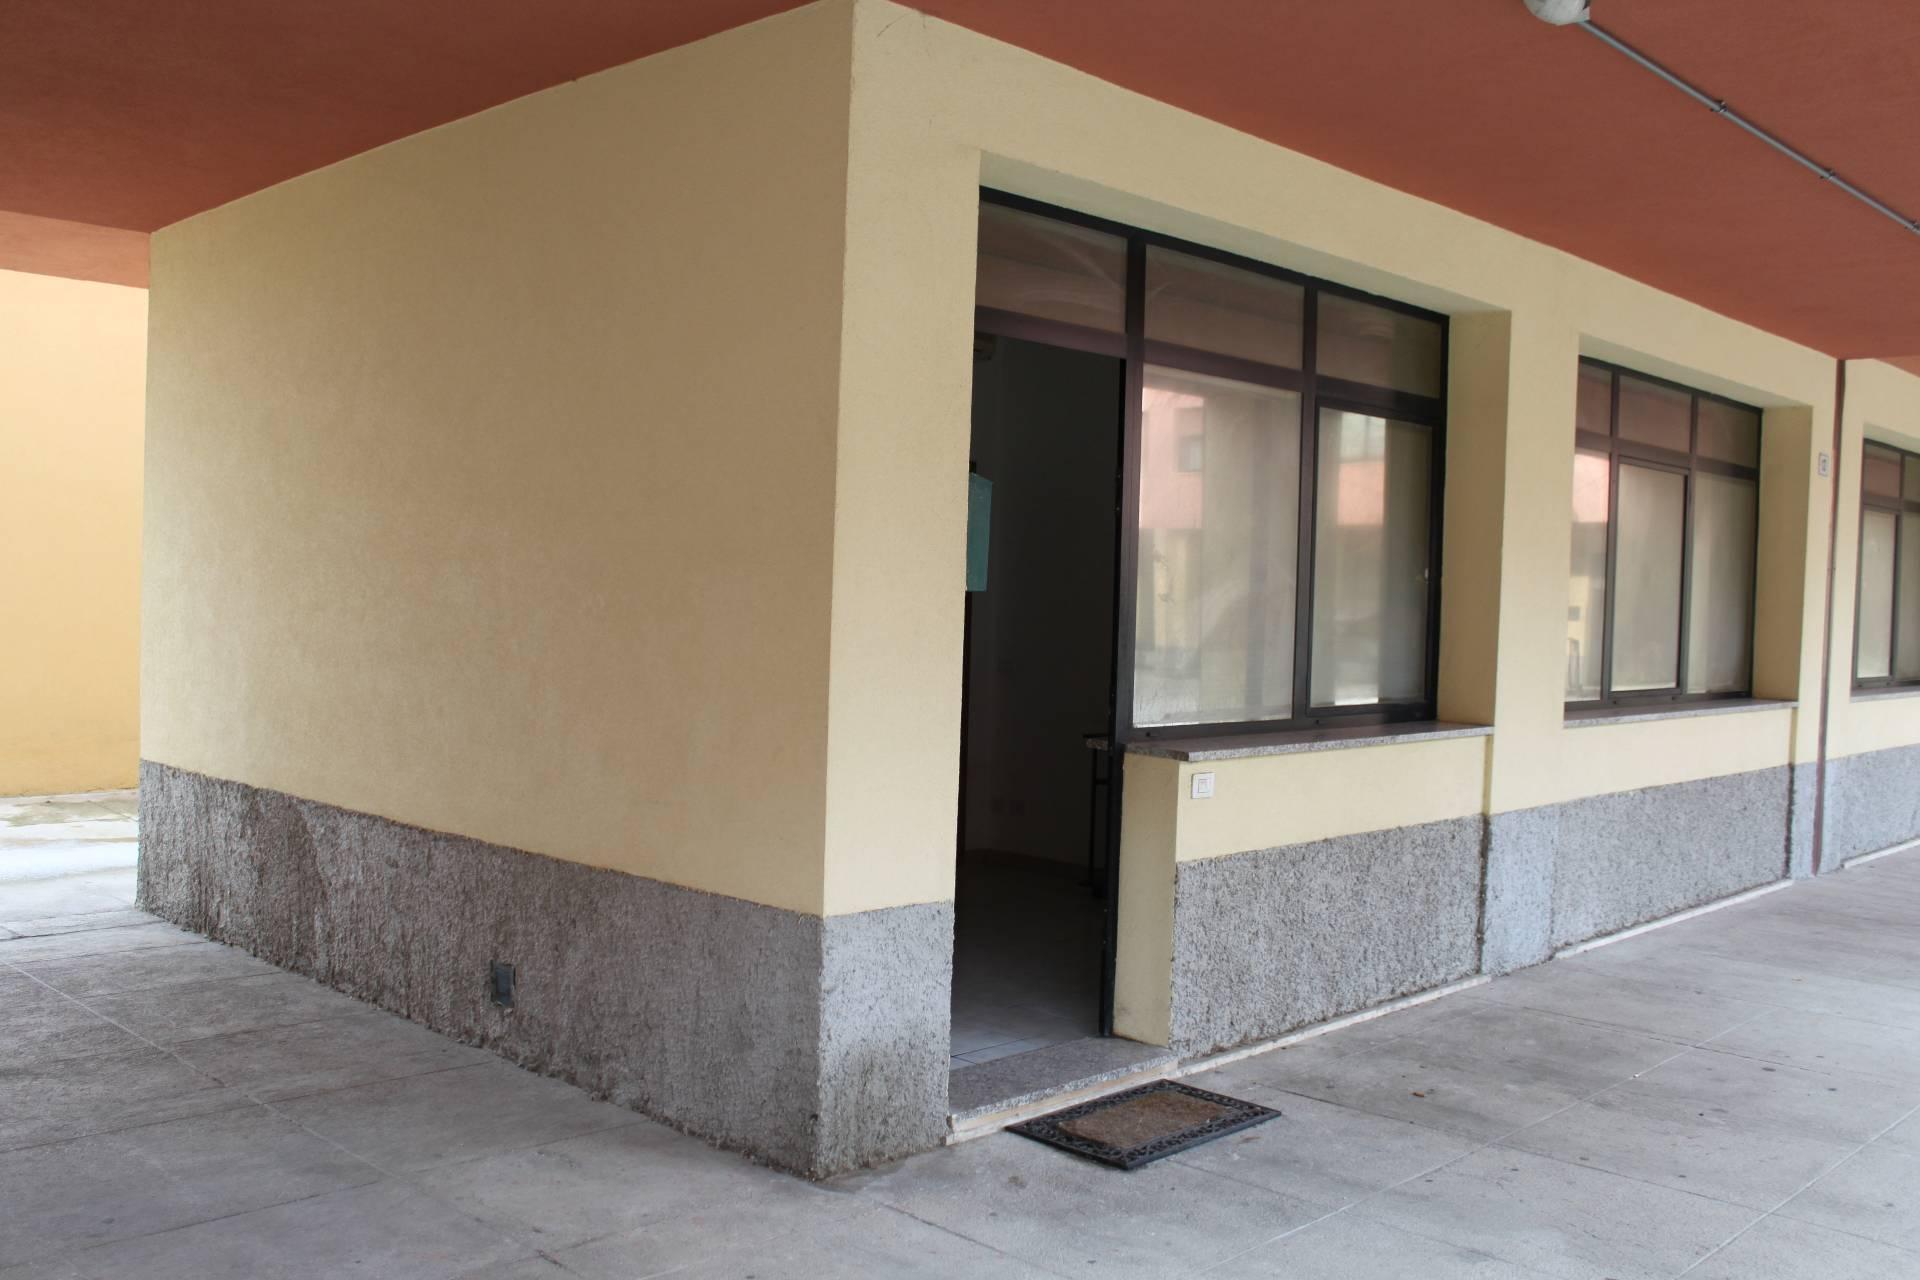 Appartamento in vendita a Agugliano, 2 locali, prezzo € 35.000 | CambioCasa.it